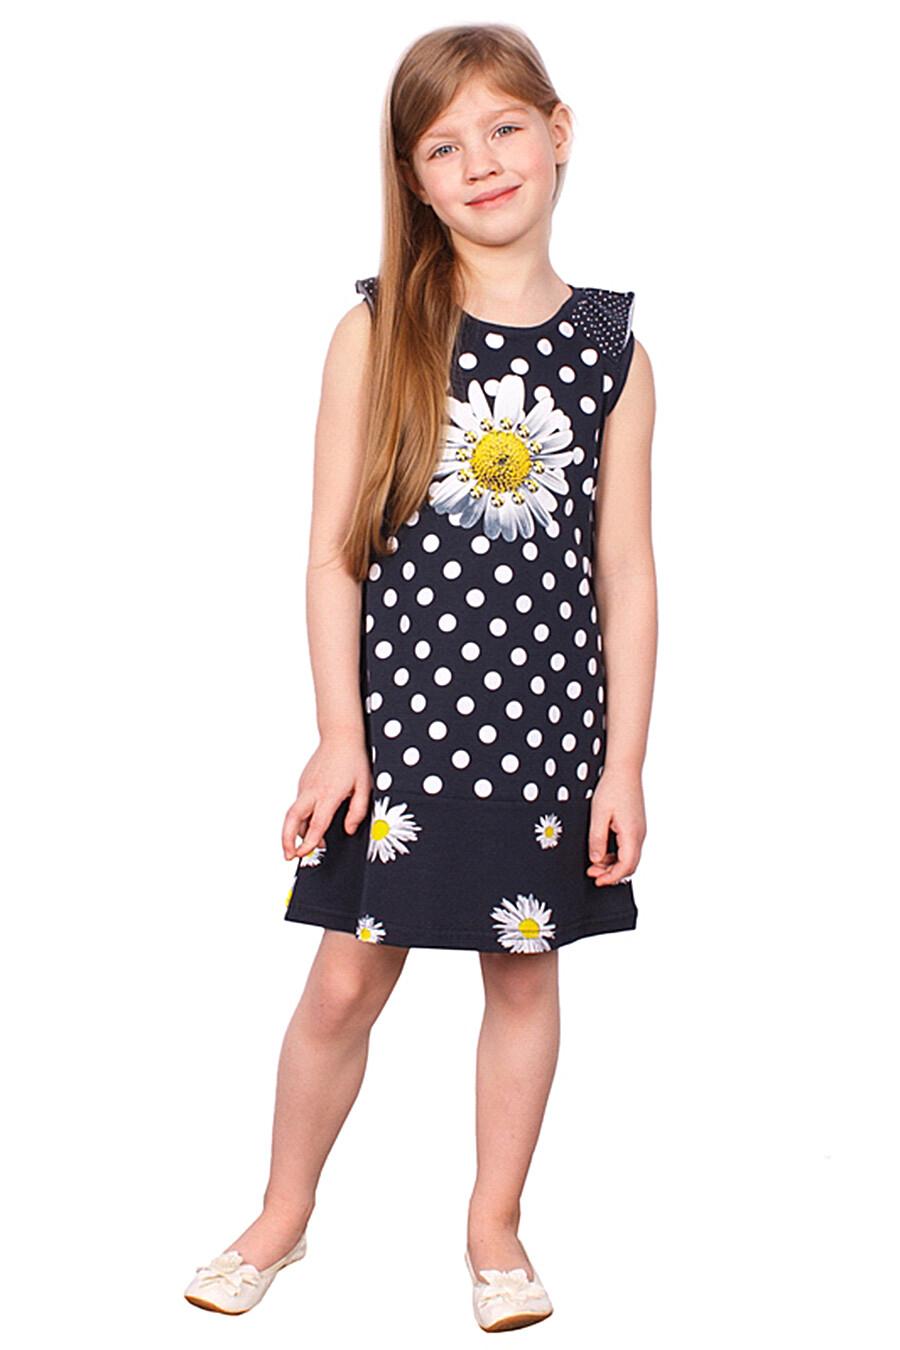 Сарафан для девочек Archi 131459 купить оптом от производителя. Совместная покупка детской одежды в OptMoyo